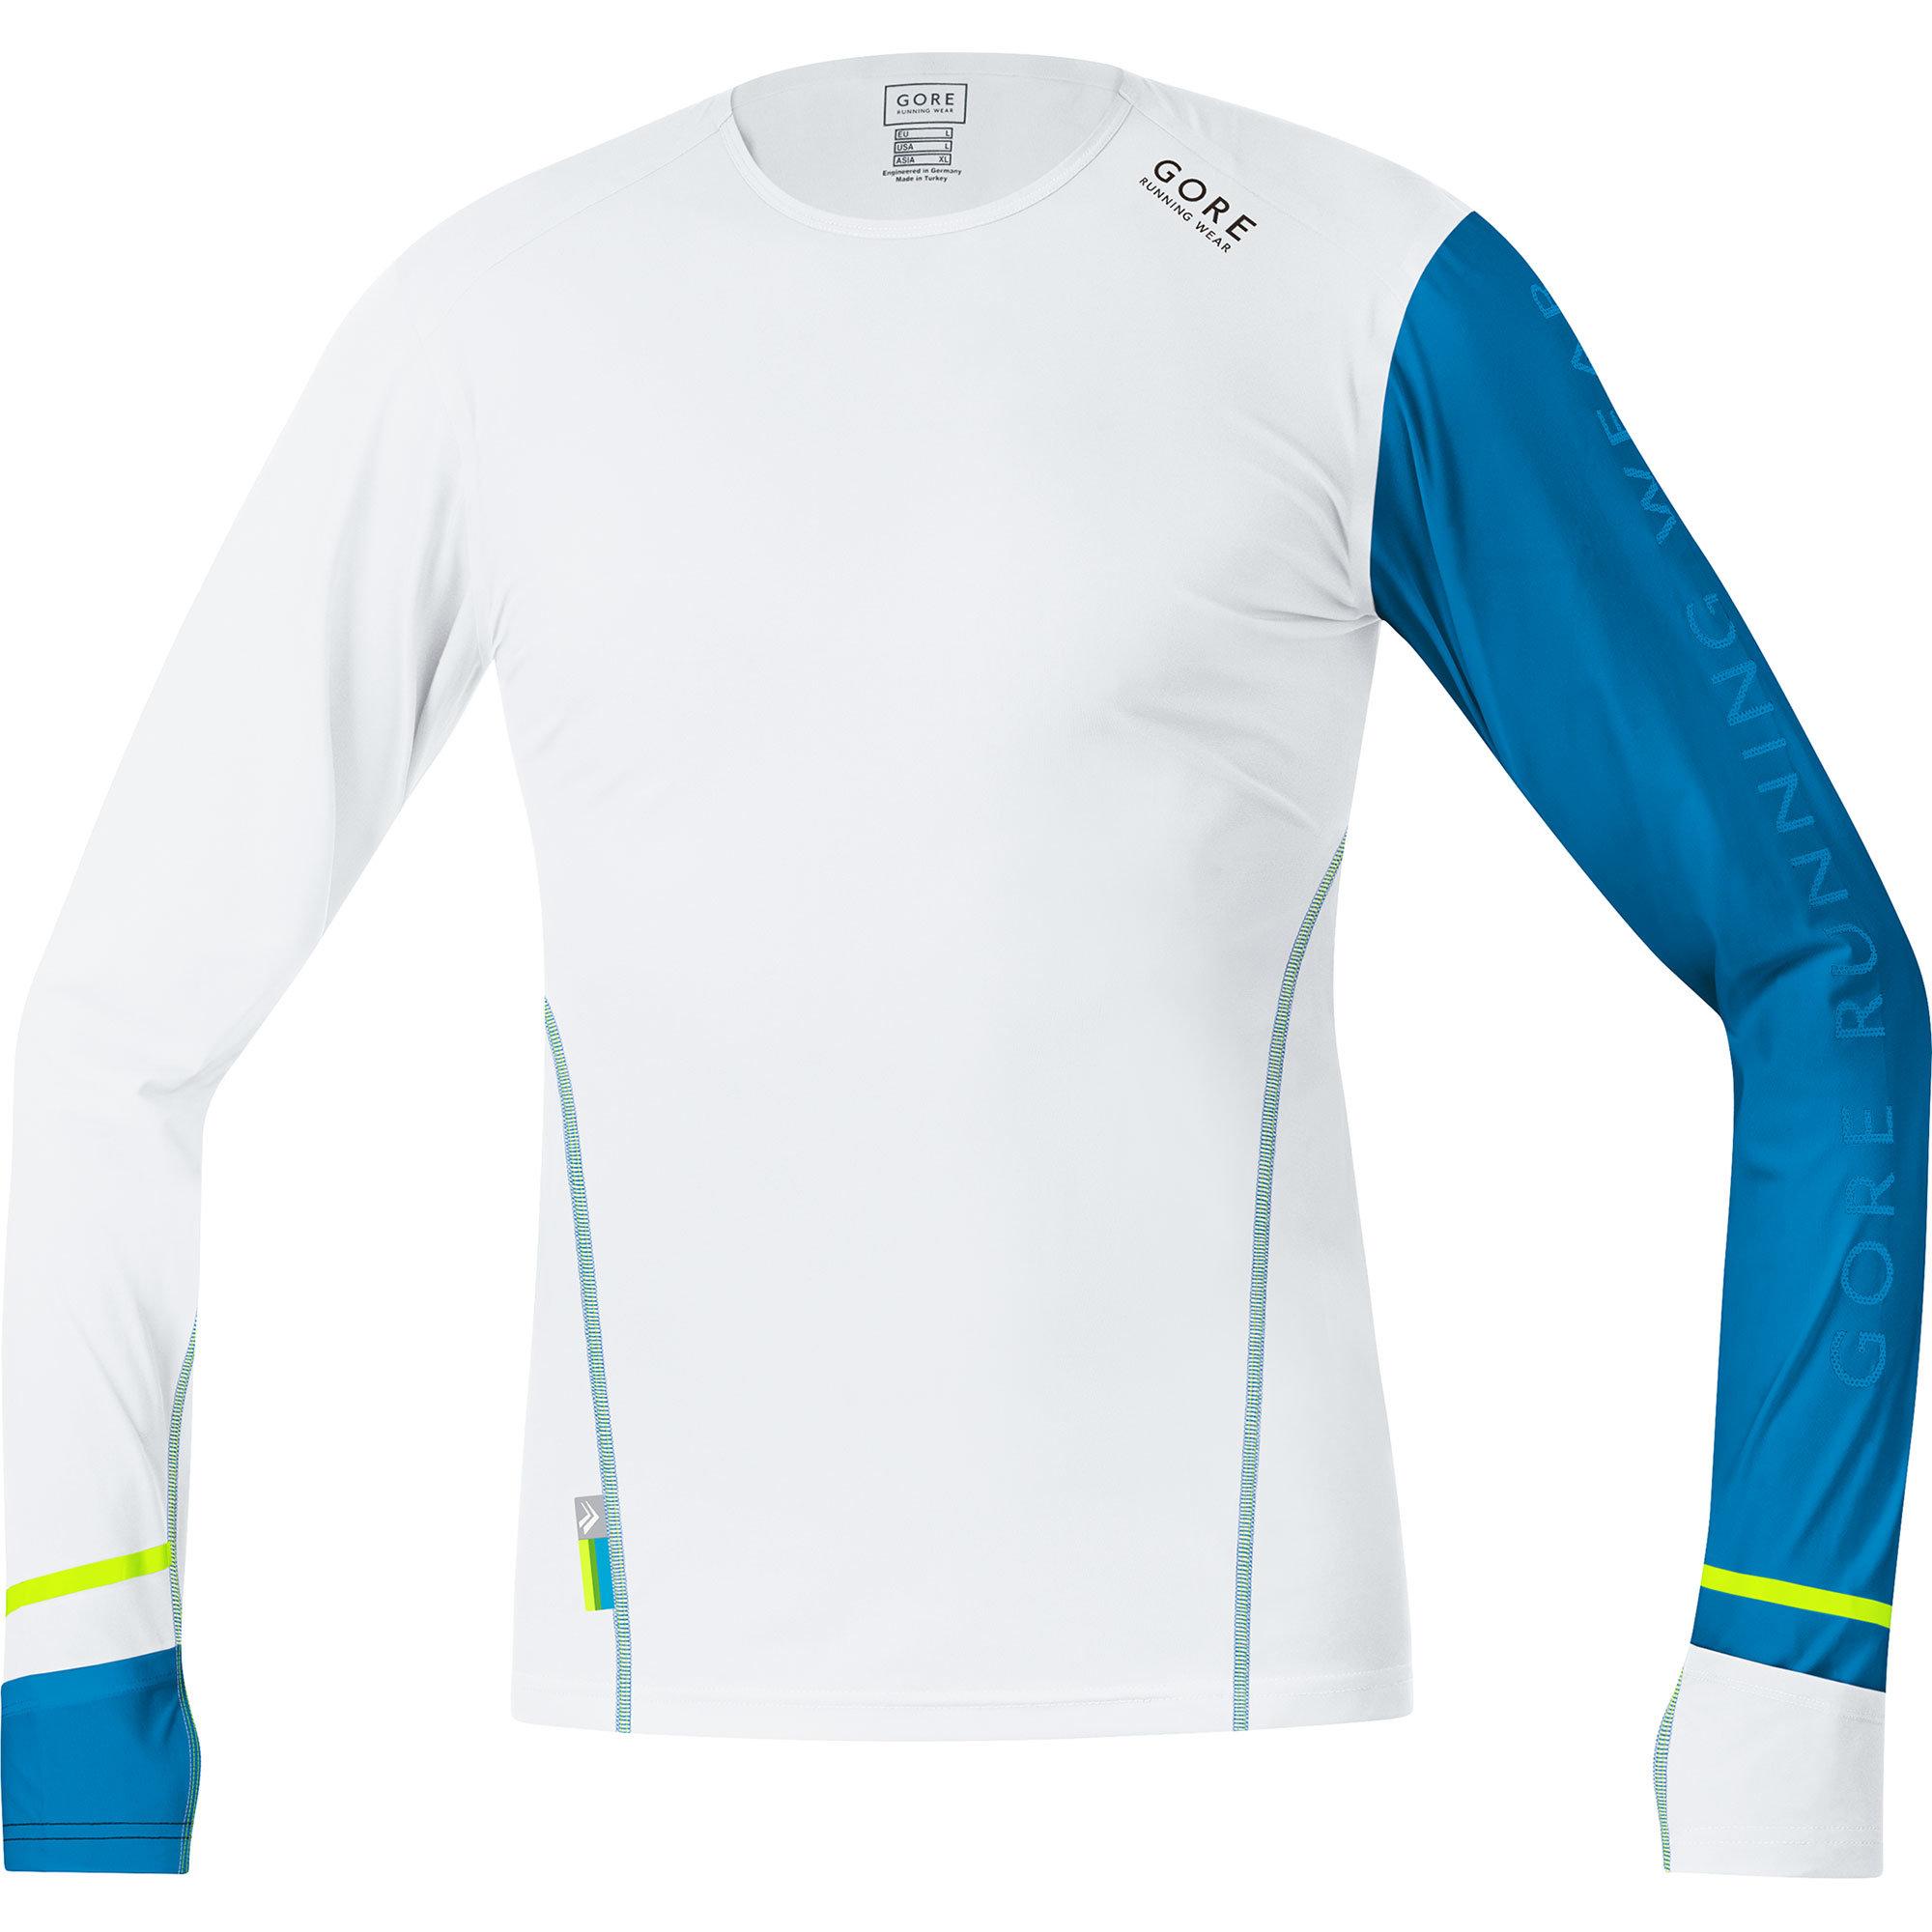 Gore X Run Ultra Long Shirt in Blau Weiss